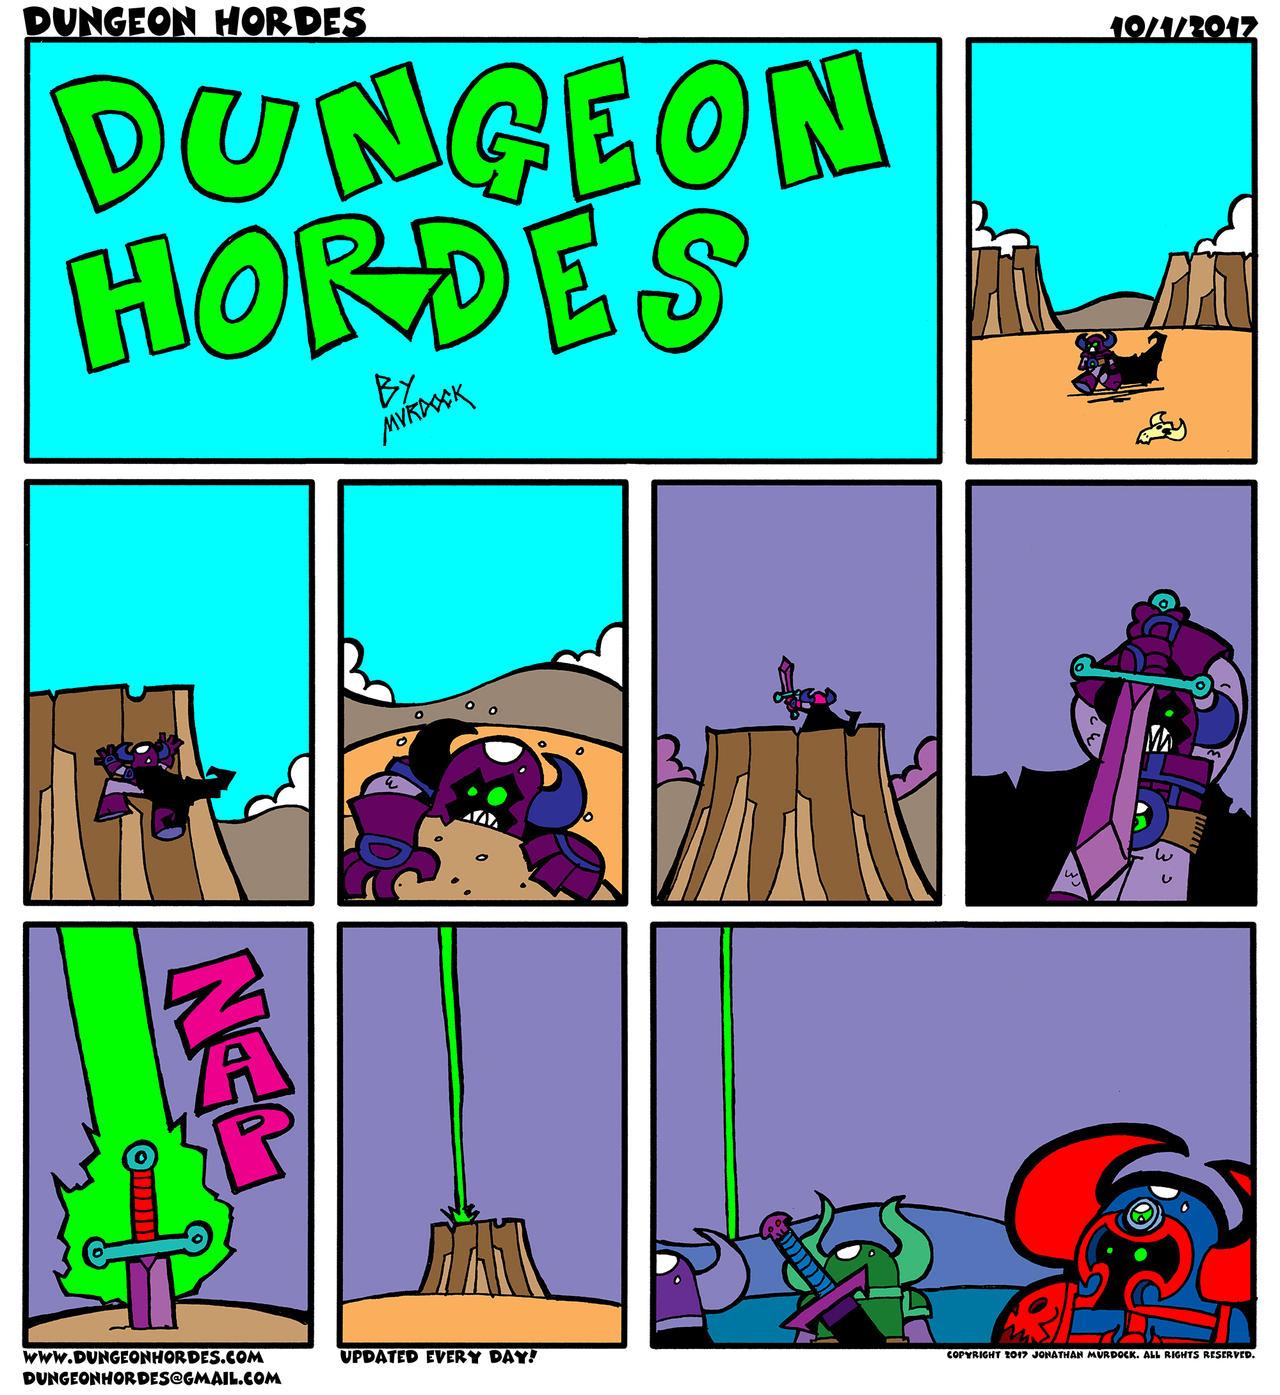 Dungeon Hordes #2117 by Dungeonhordes